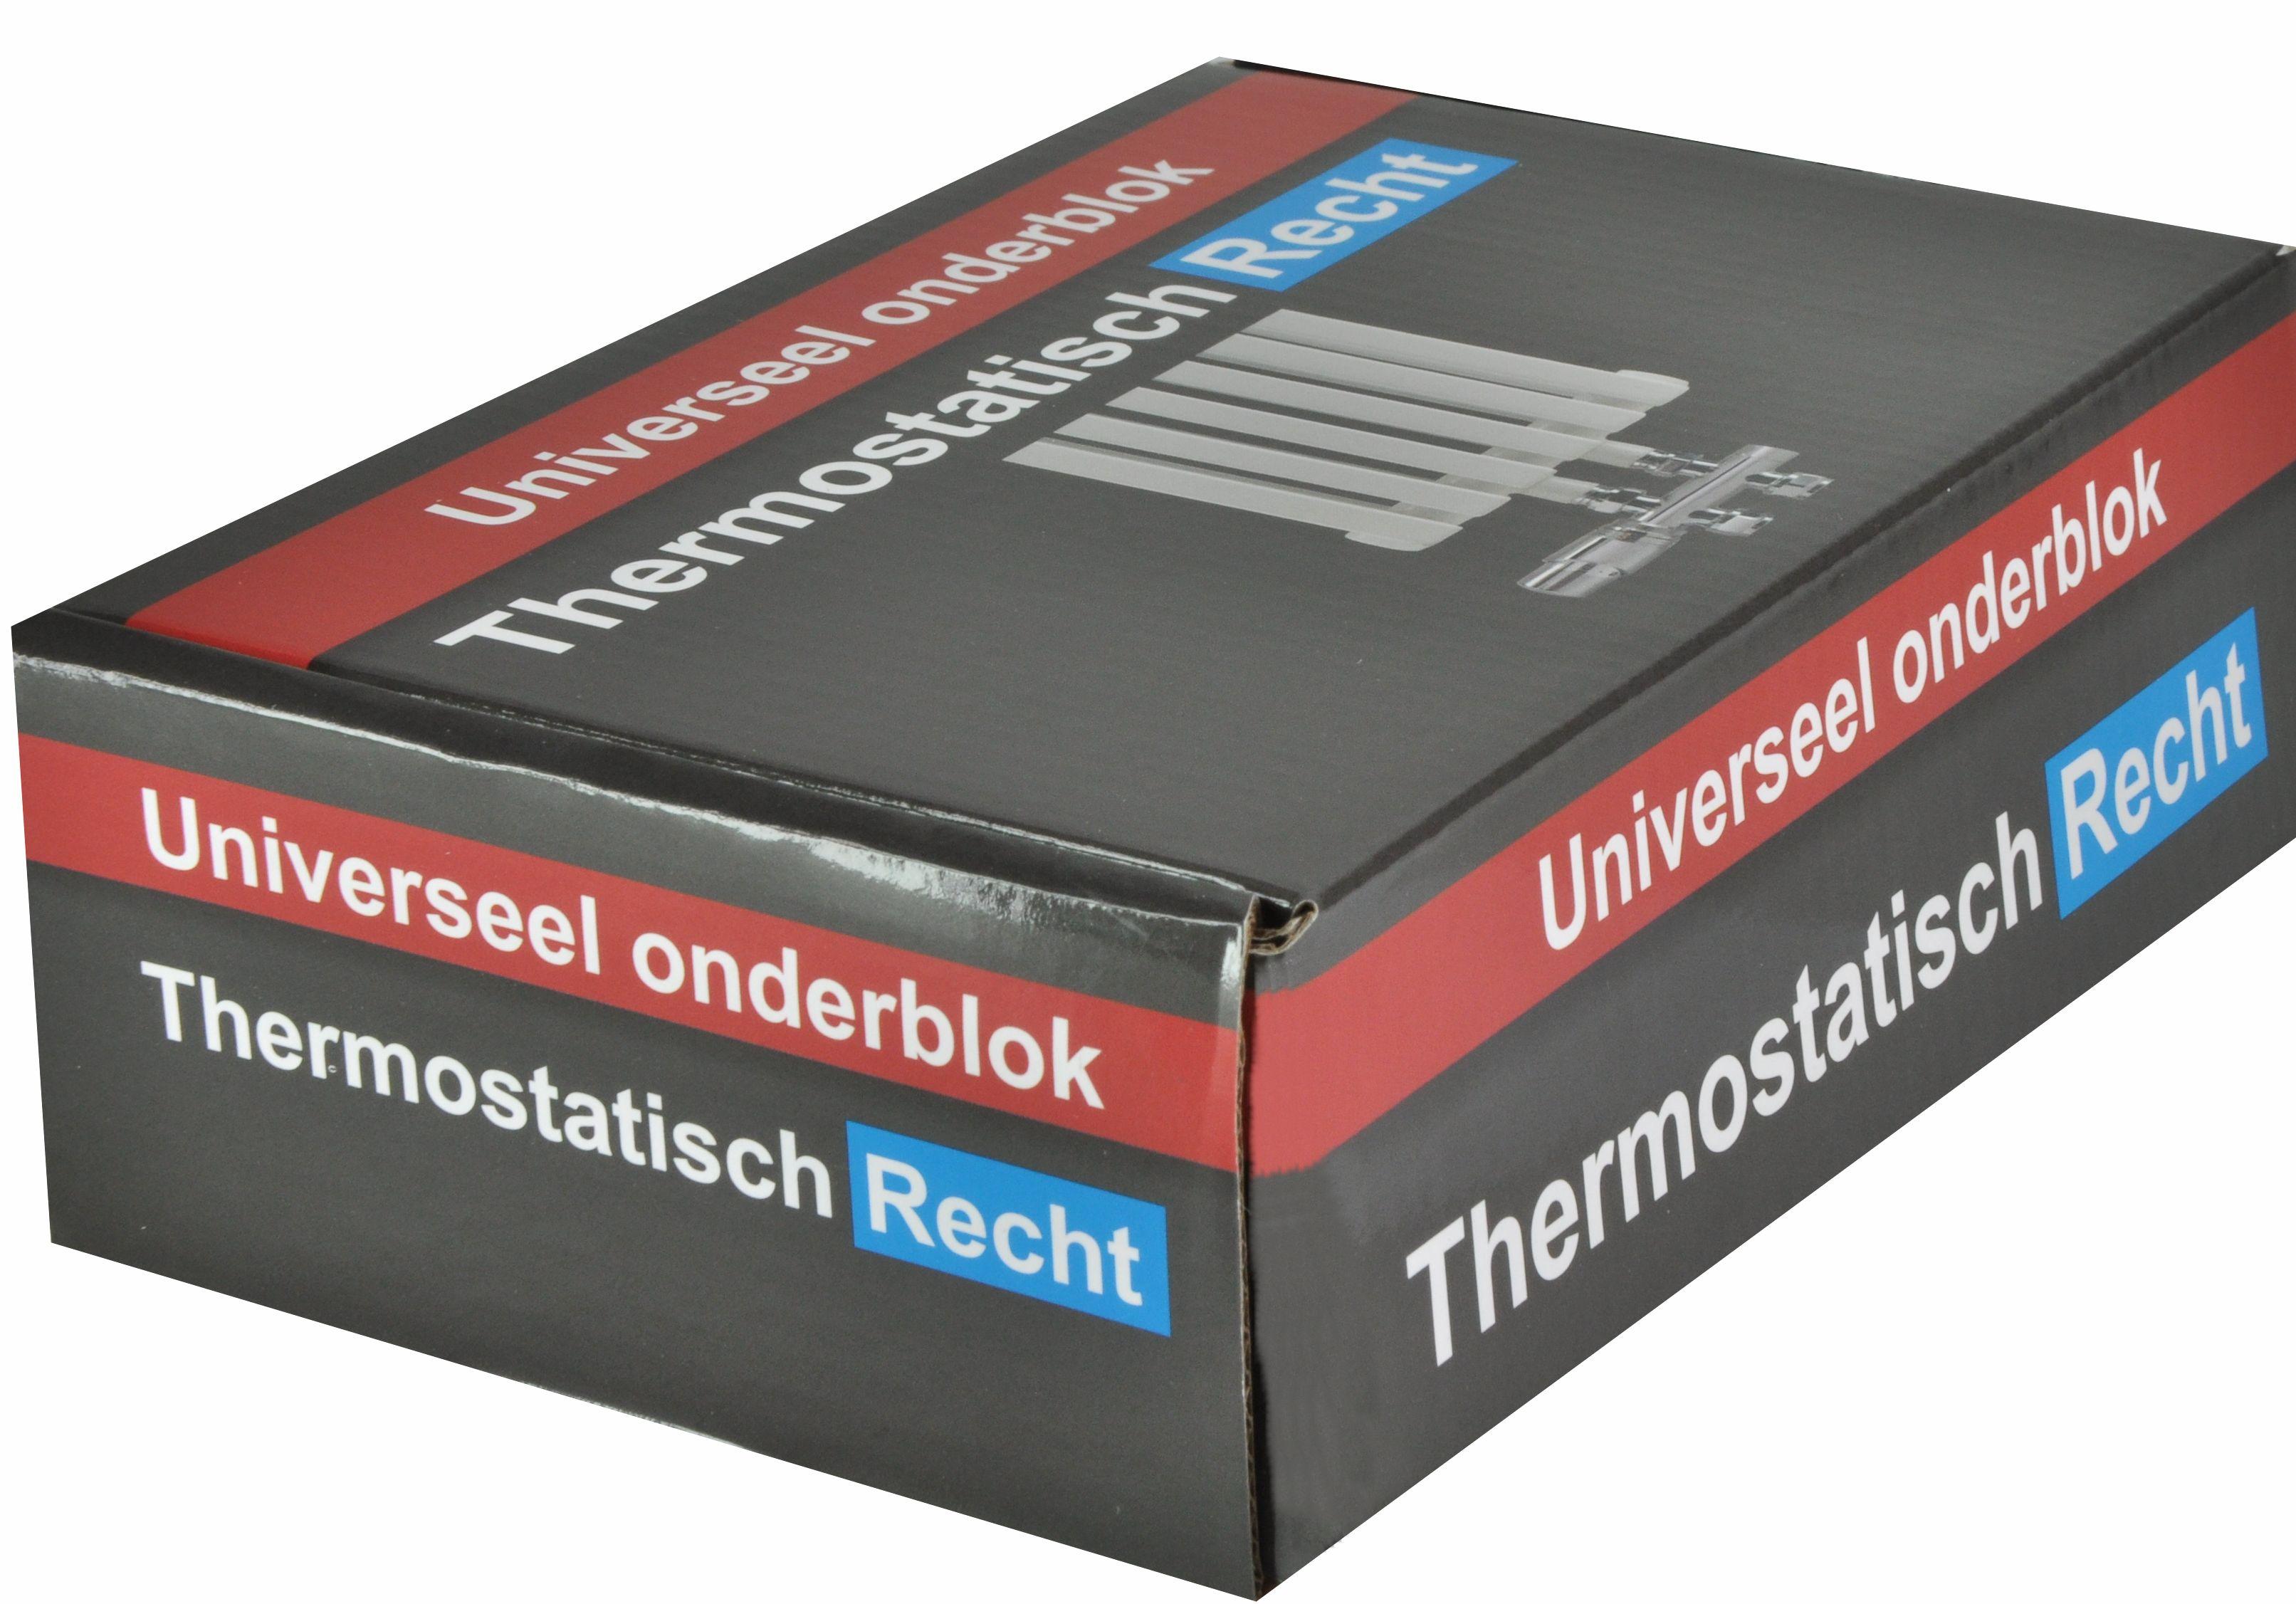 Radiatoraansluitset thermostatisch Recht middenaansluiting